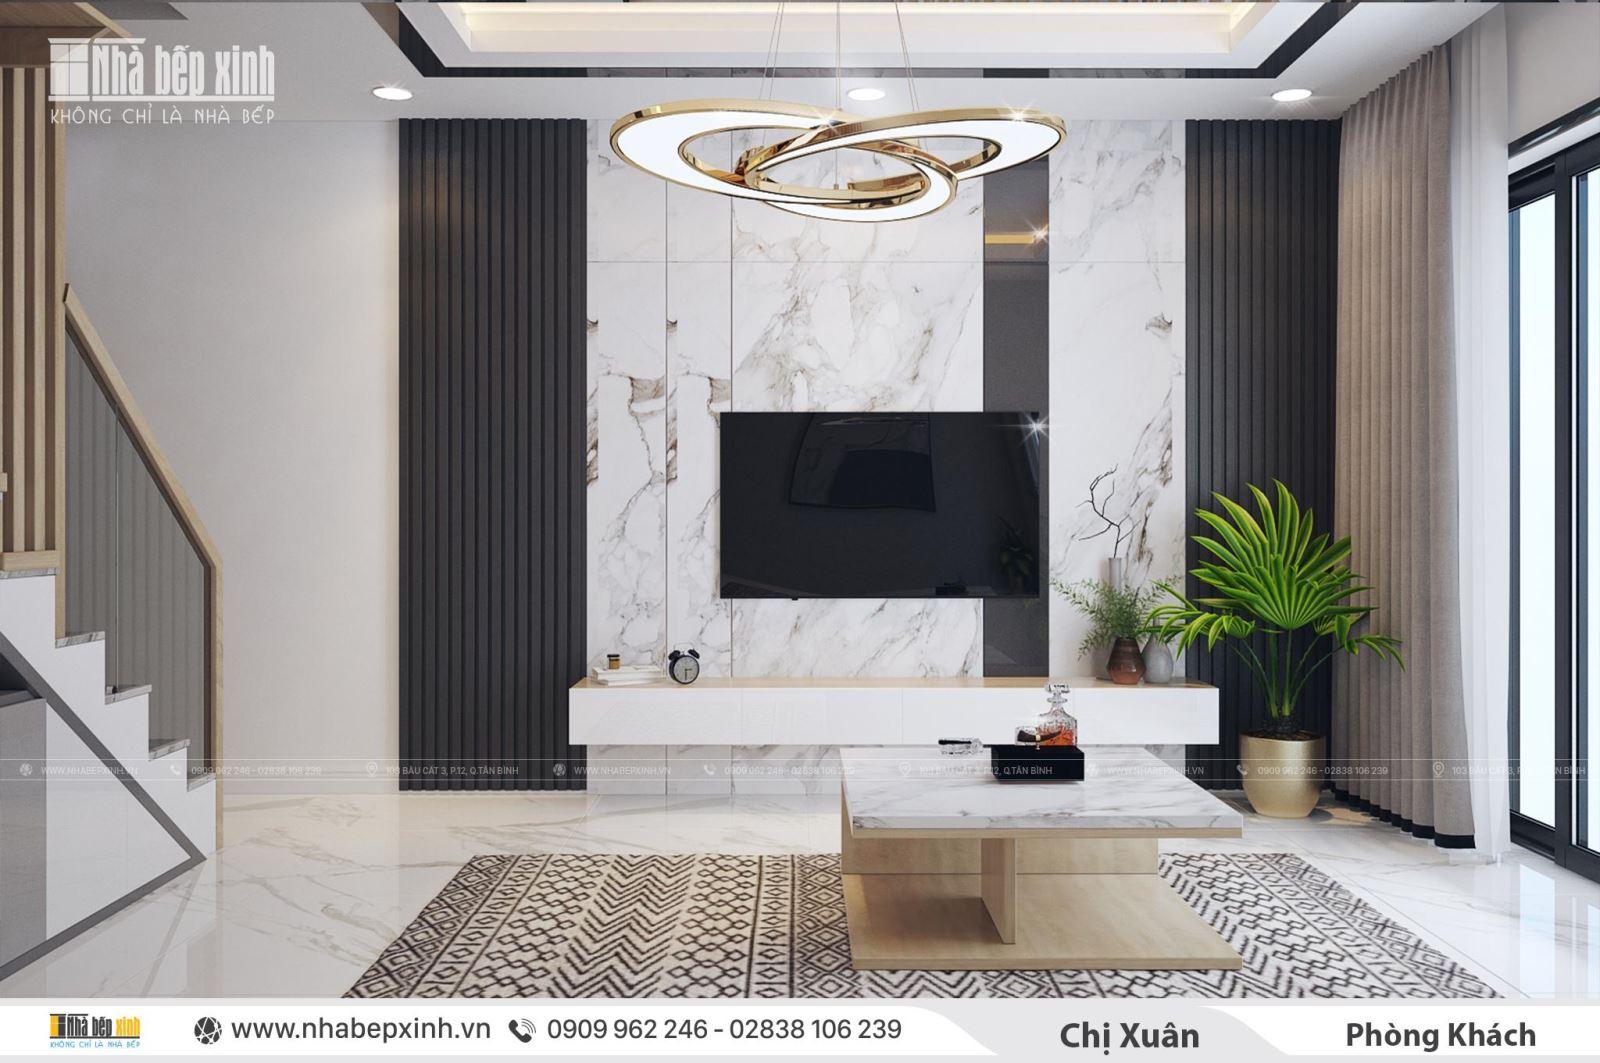 Nội thất nguyên căn hiện đại với phong cách tối giản